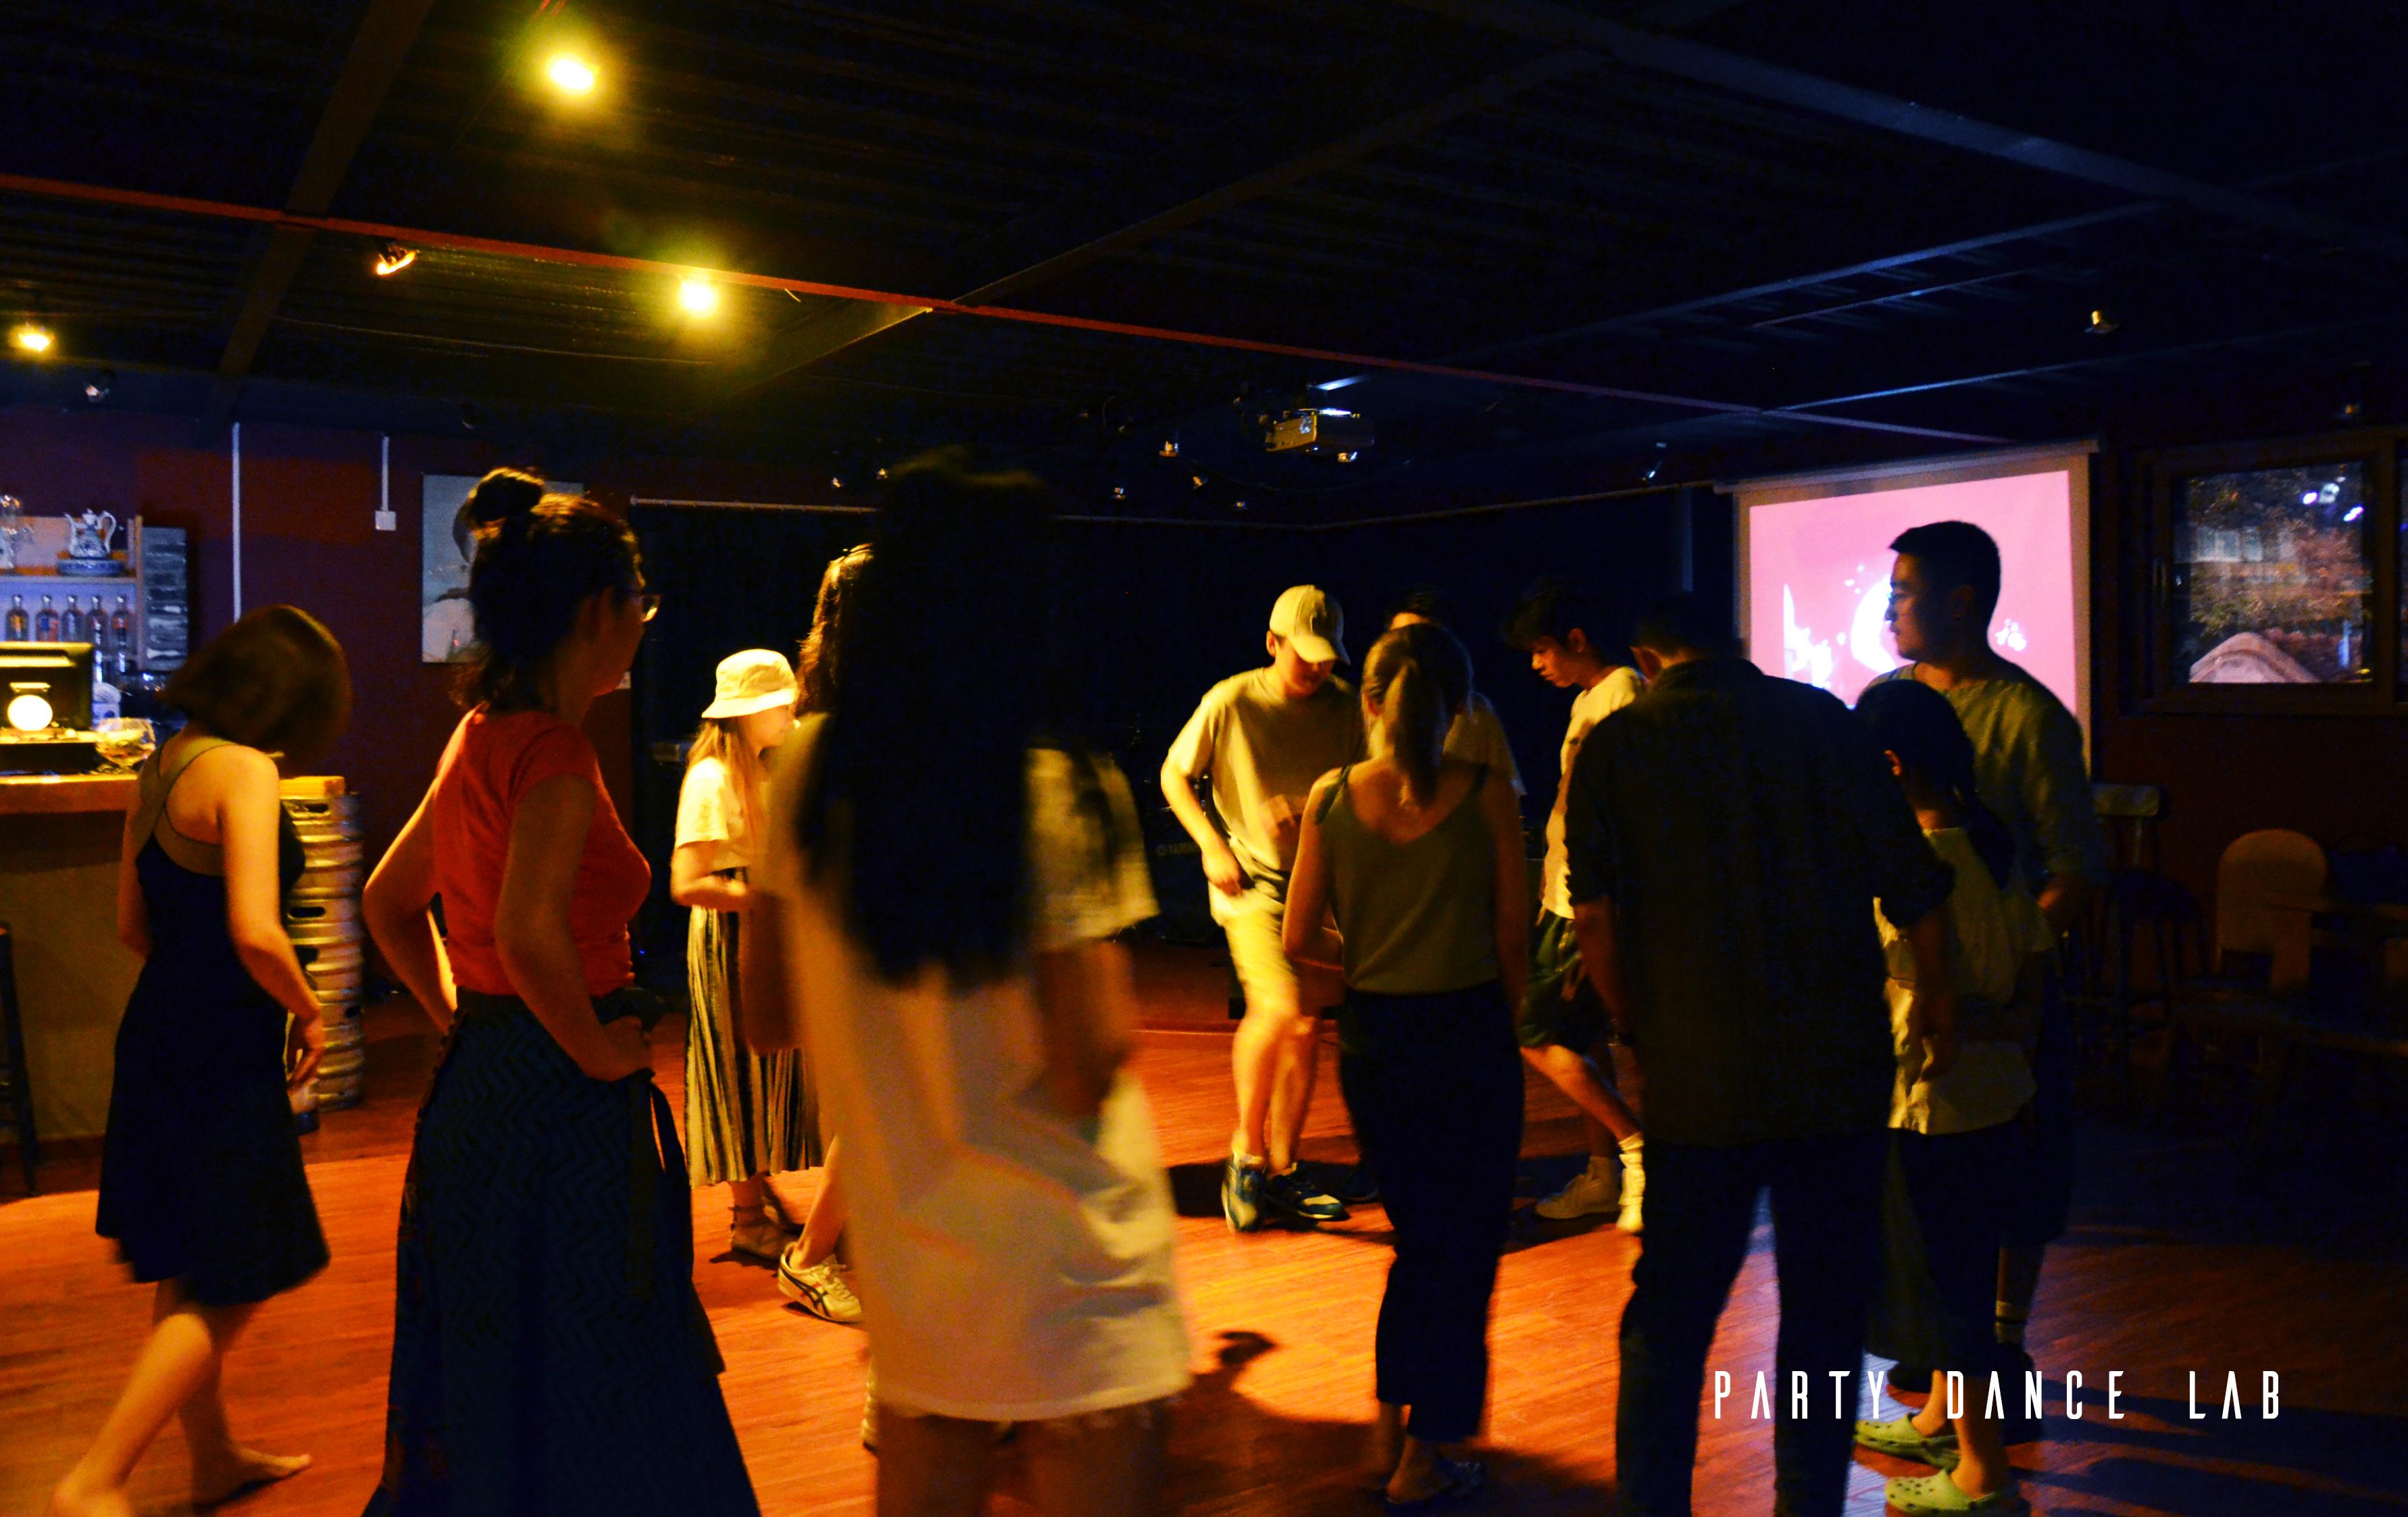 party dance lab (1)